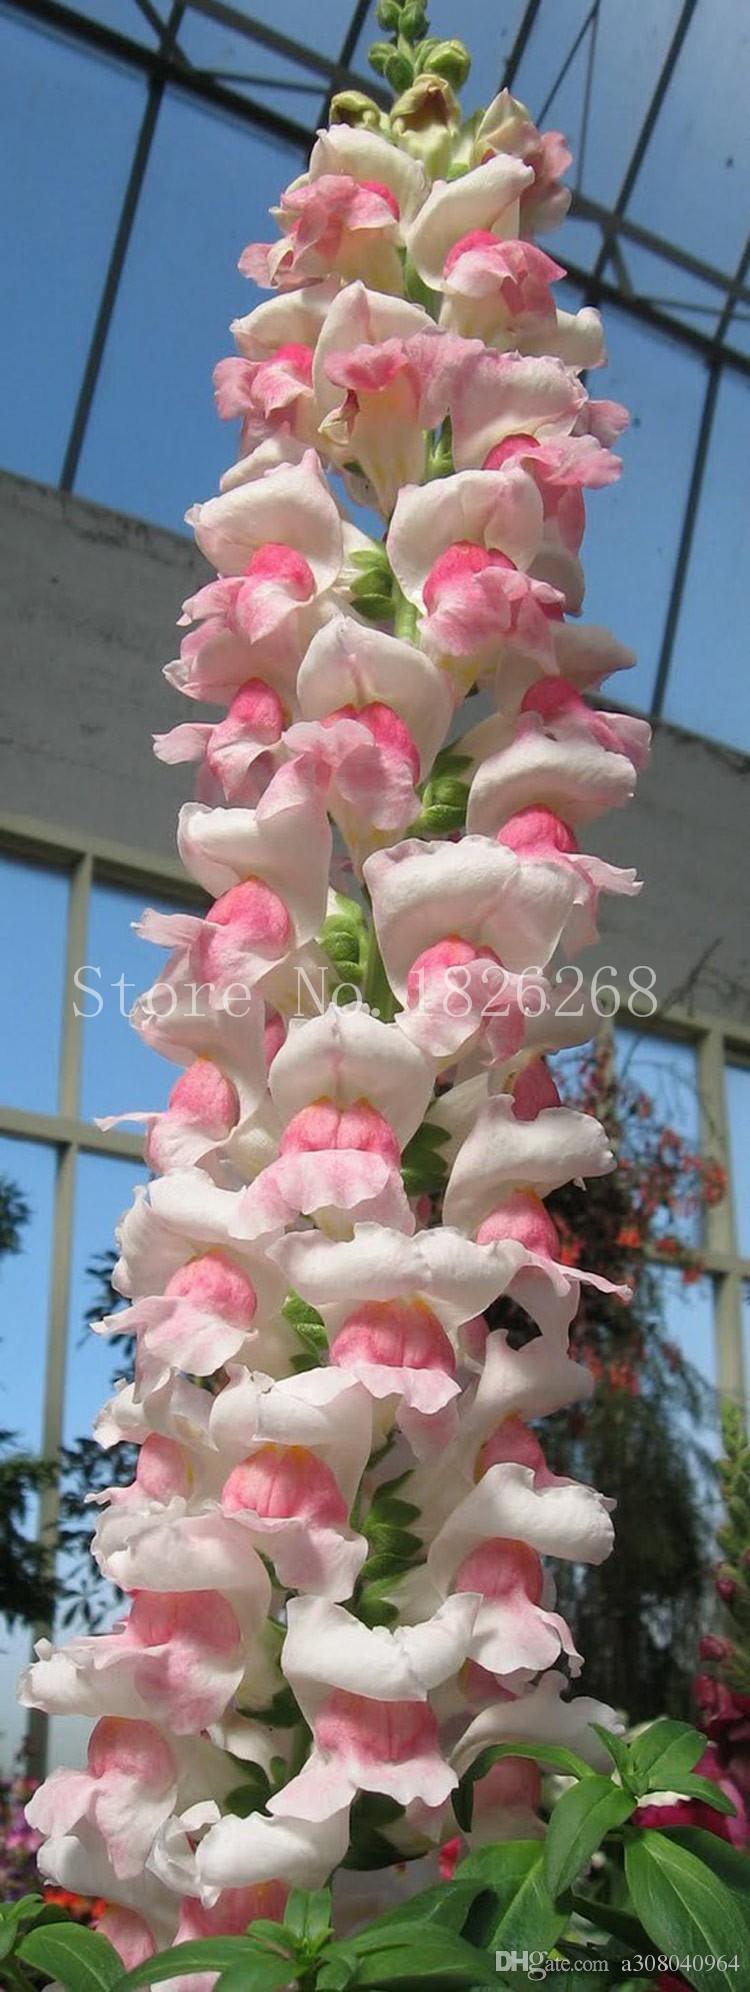 Bonsai blume Garten Balsam samen pflanzen snapdragon samen topfblumen Im freien pflanzen 30 stücke